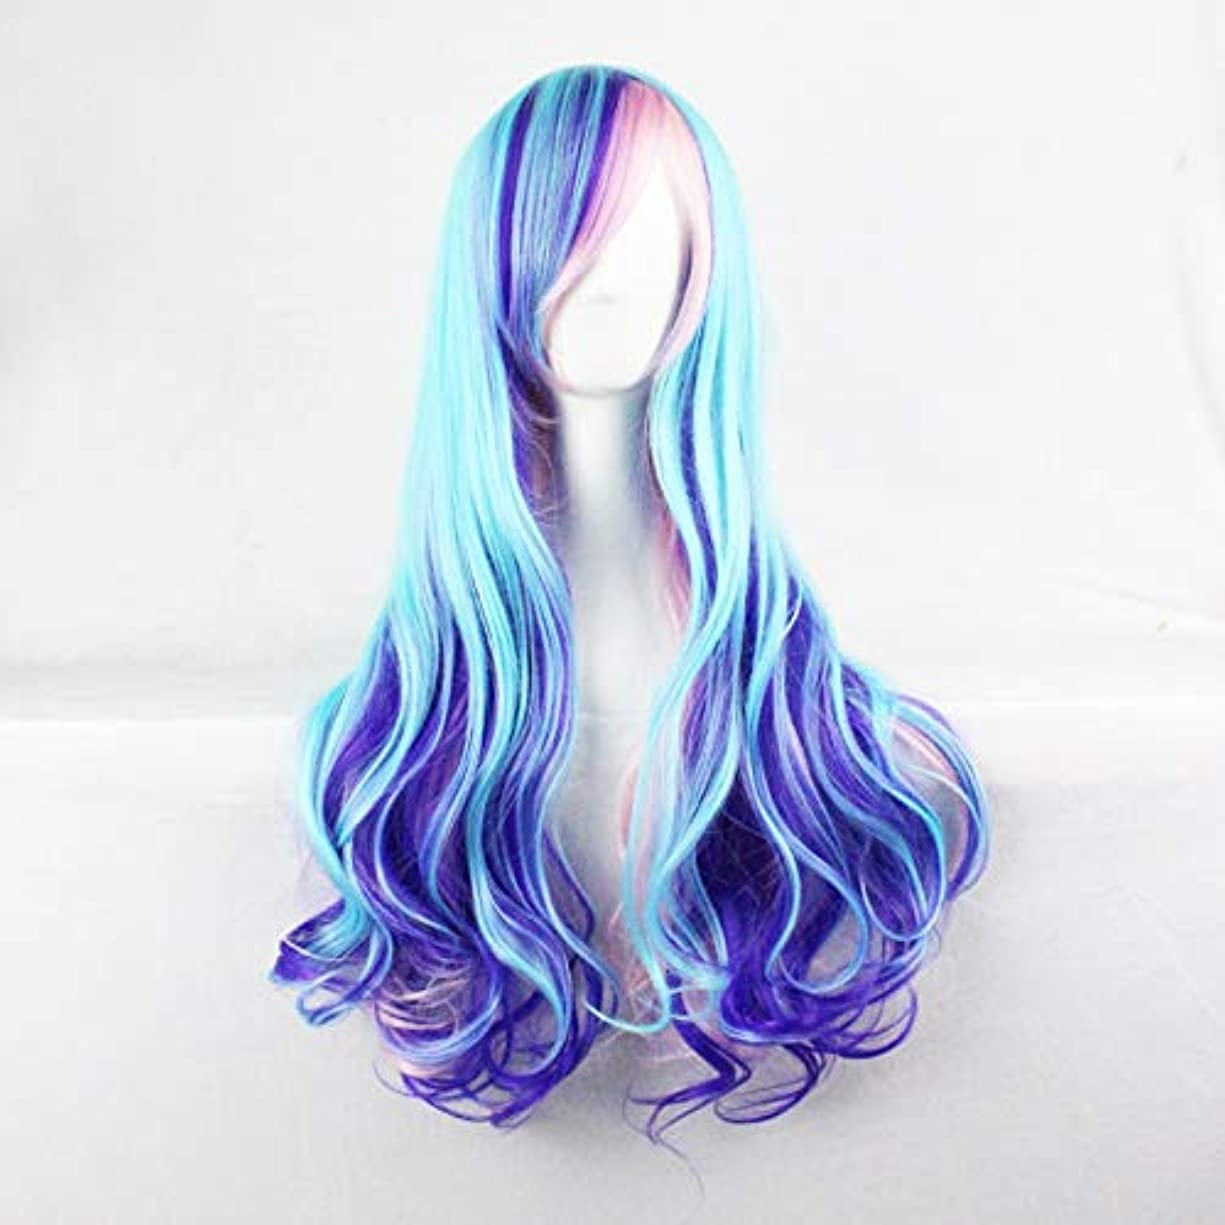 メタルラインプライム約束するかつらキャップでかつらファンシードレスカールかつら女性用高品質合成毛髪コスプレ高密度かつら女性&女の子ブルー、ピンク、パープル (Color : 青)